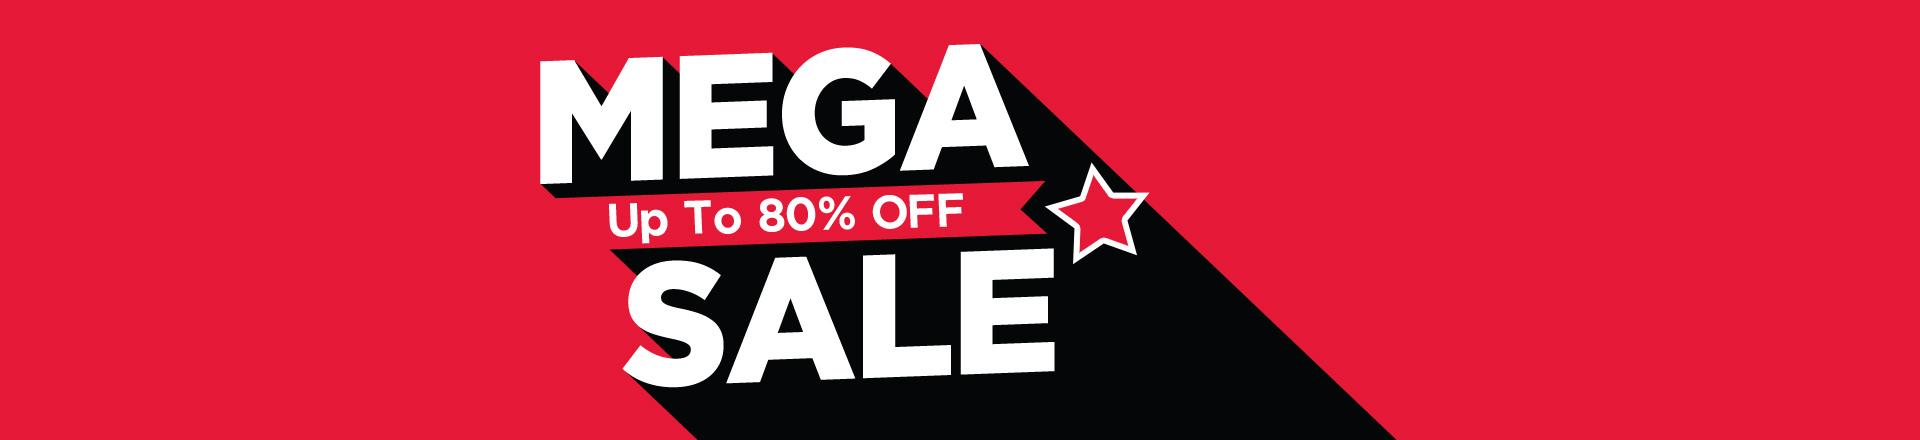 Mega Sale Up To 80% OFF